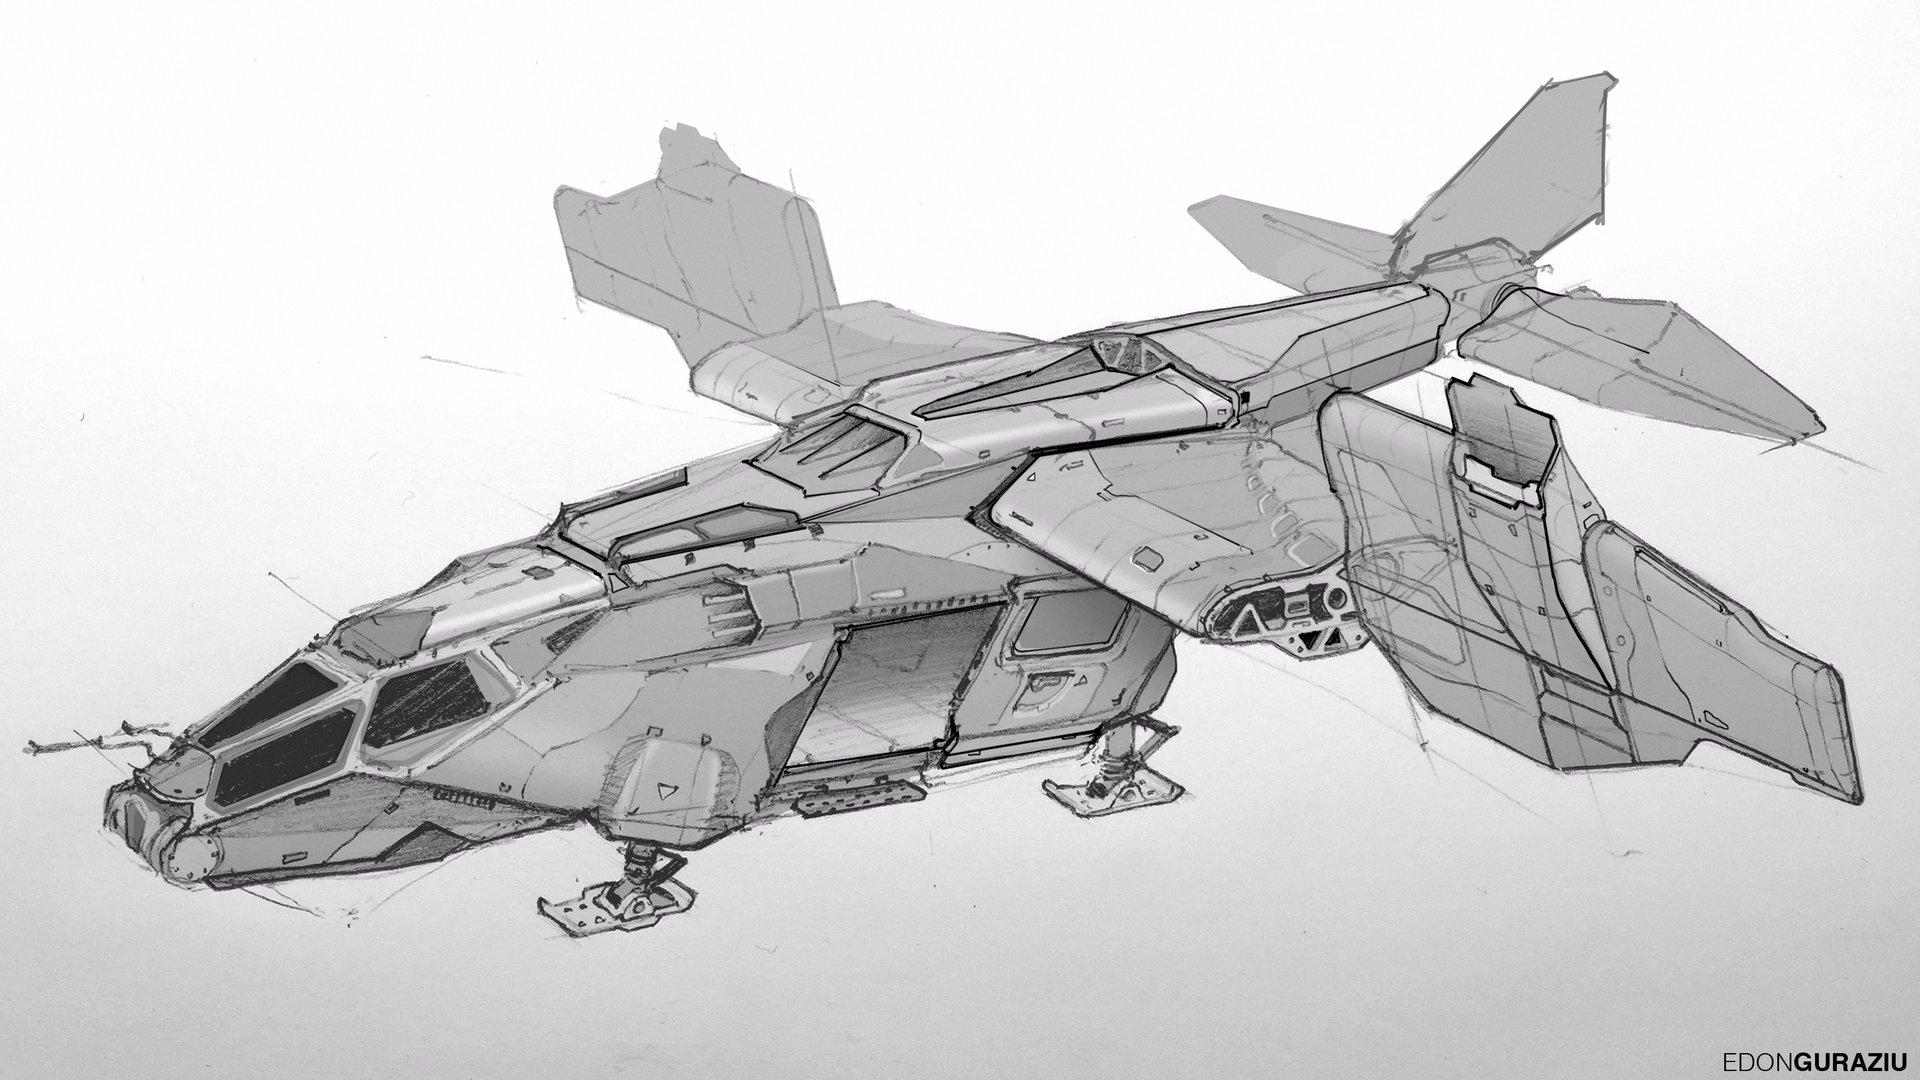 Edon guraziu dropship sketch